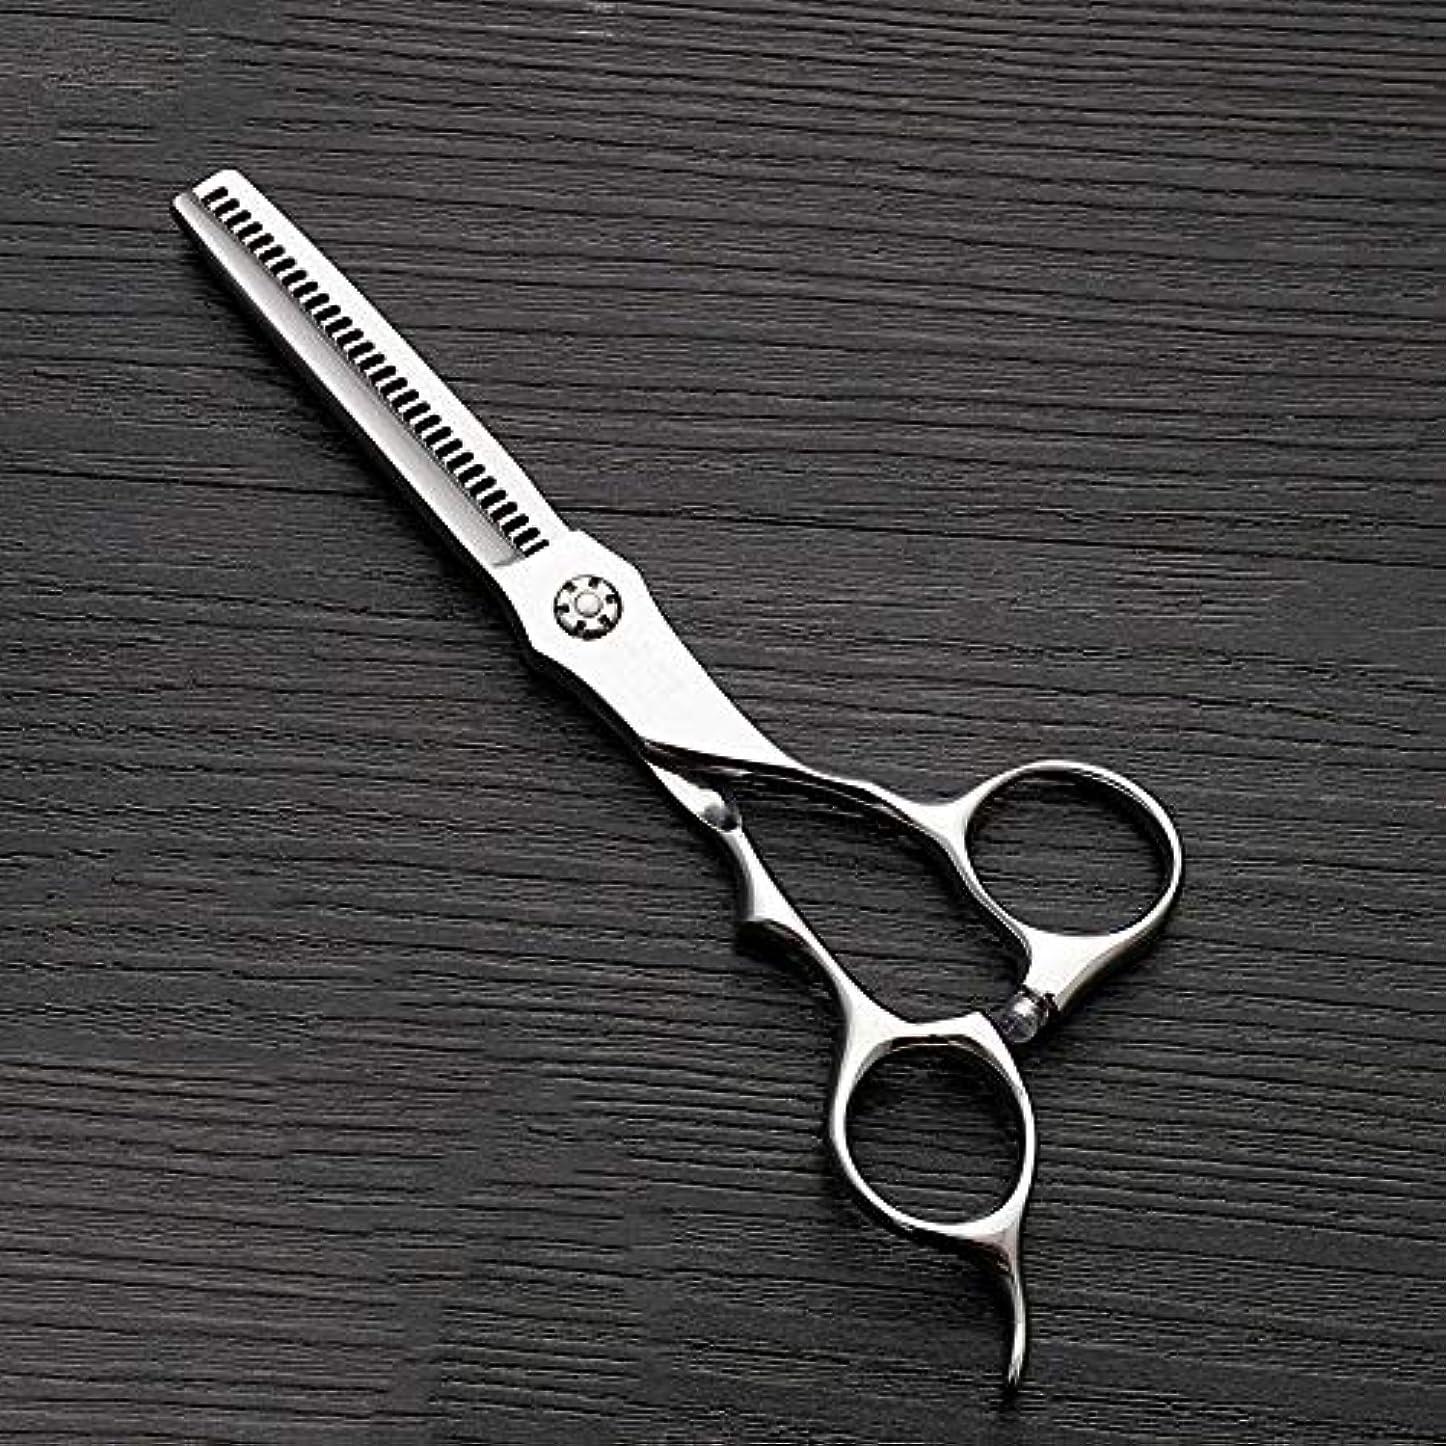 国内の爵通信する6インチのステンレス鋼の歯のせん断の薄くする理髪はさみ、美容院の特別なはさみ ヘアケア (色 : Silver)